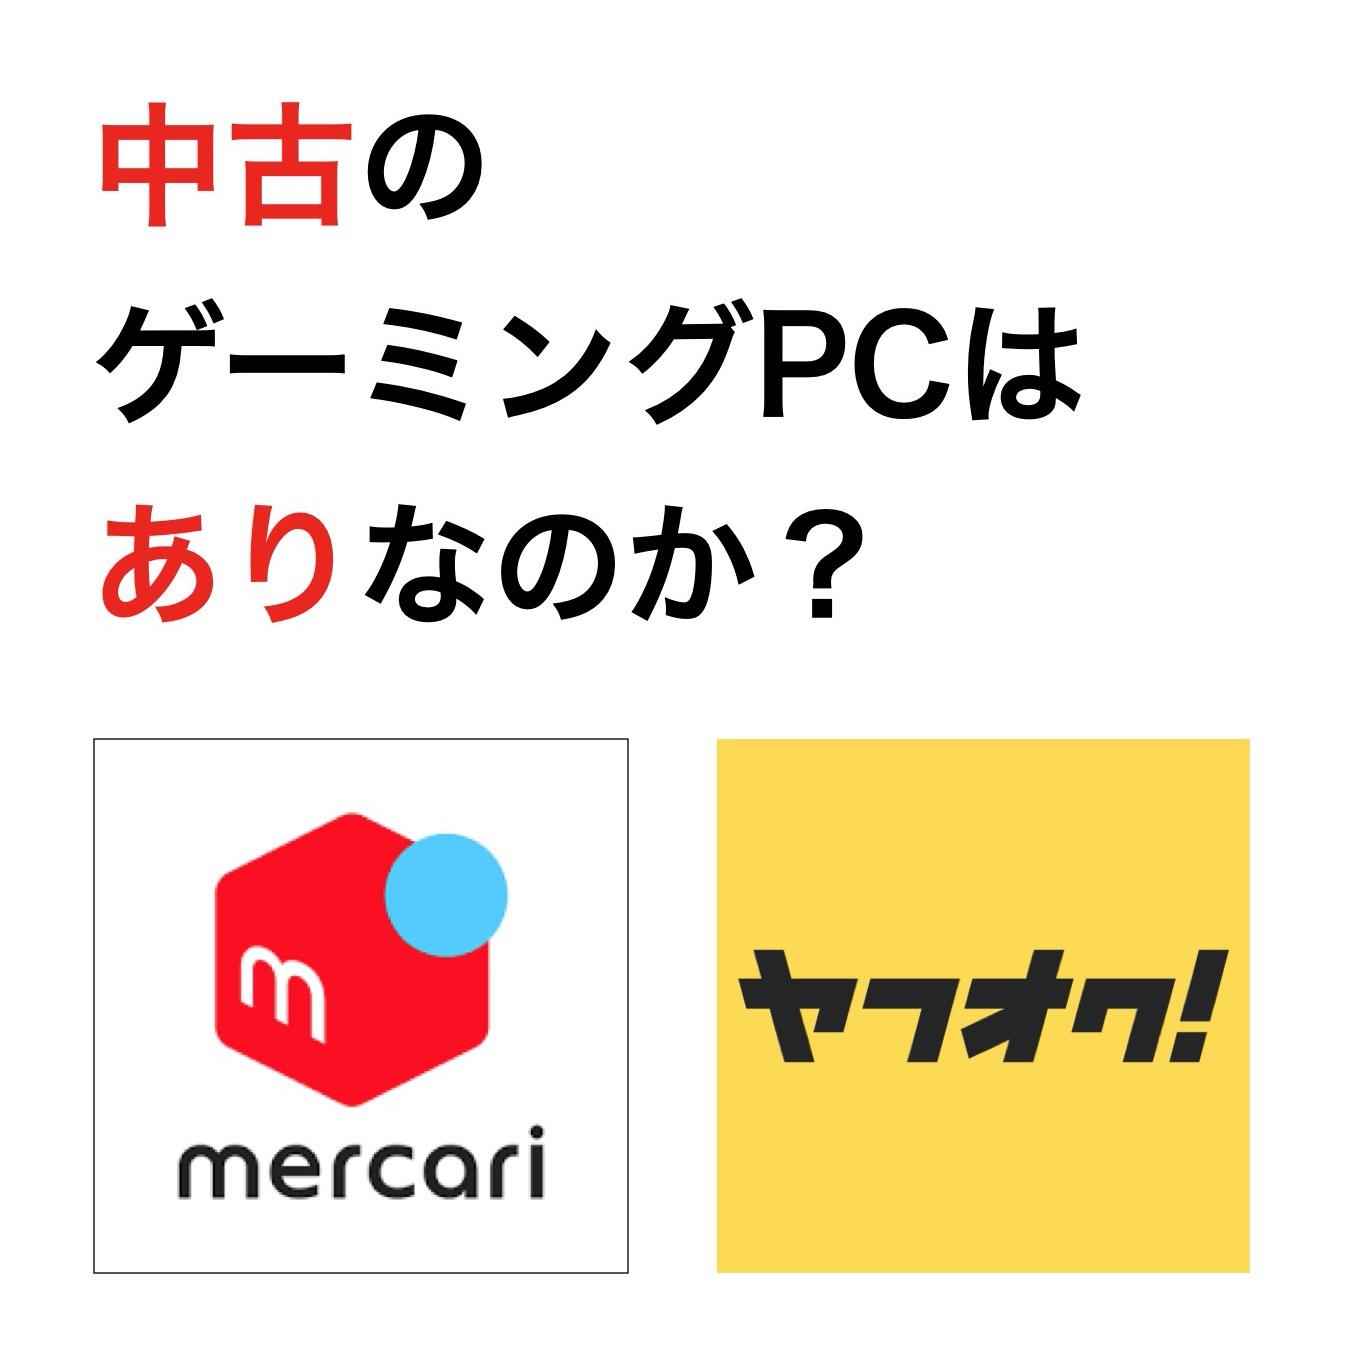 【フォートナイト】中古PCは安い?注意点も(メルカリ・ヤフオク)